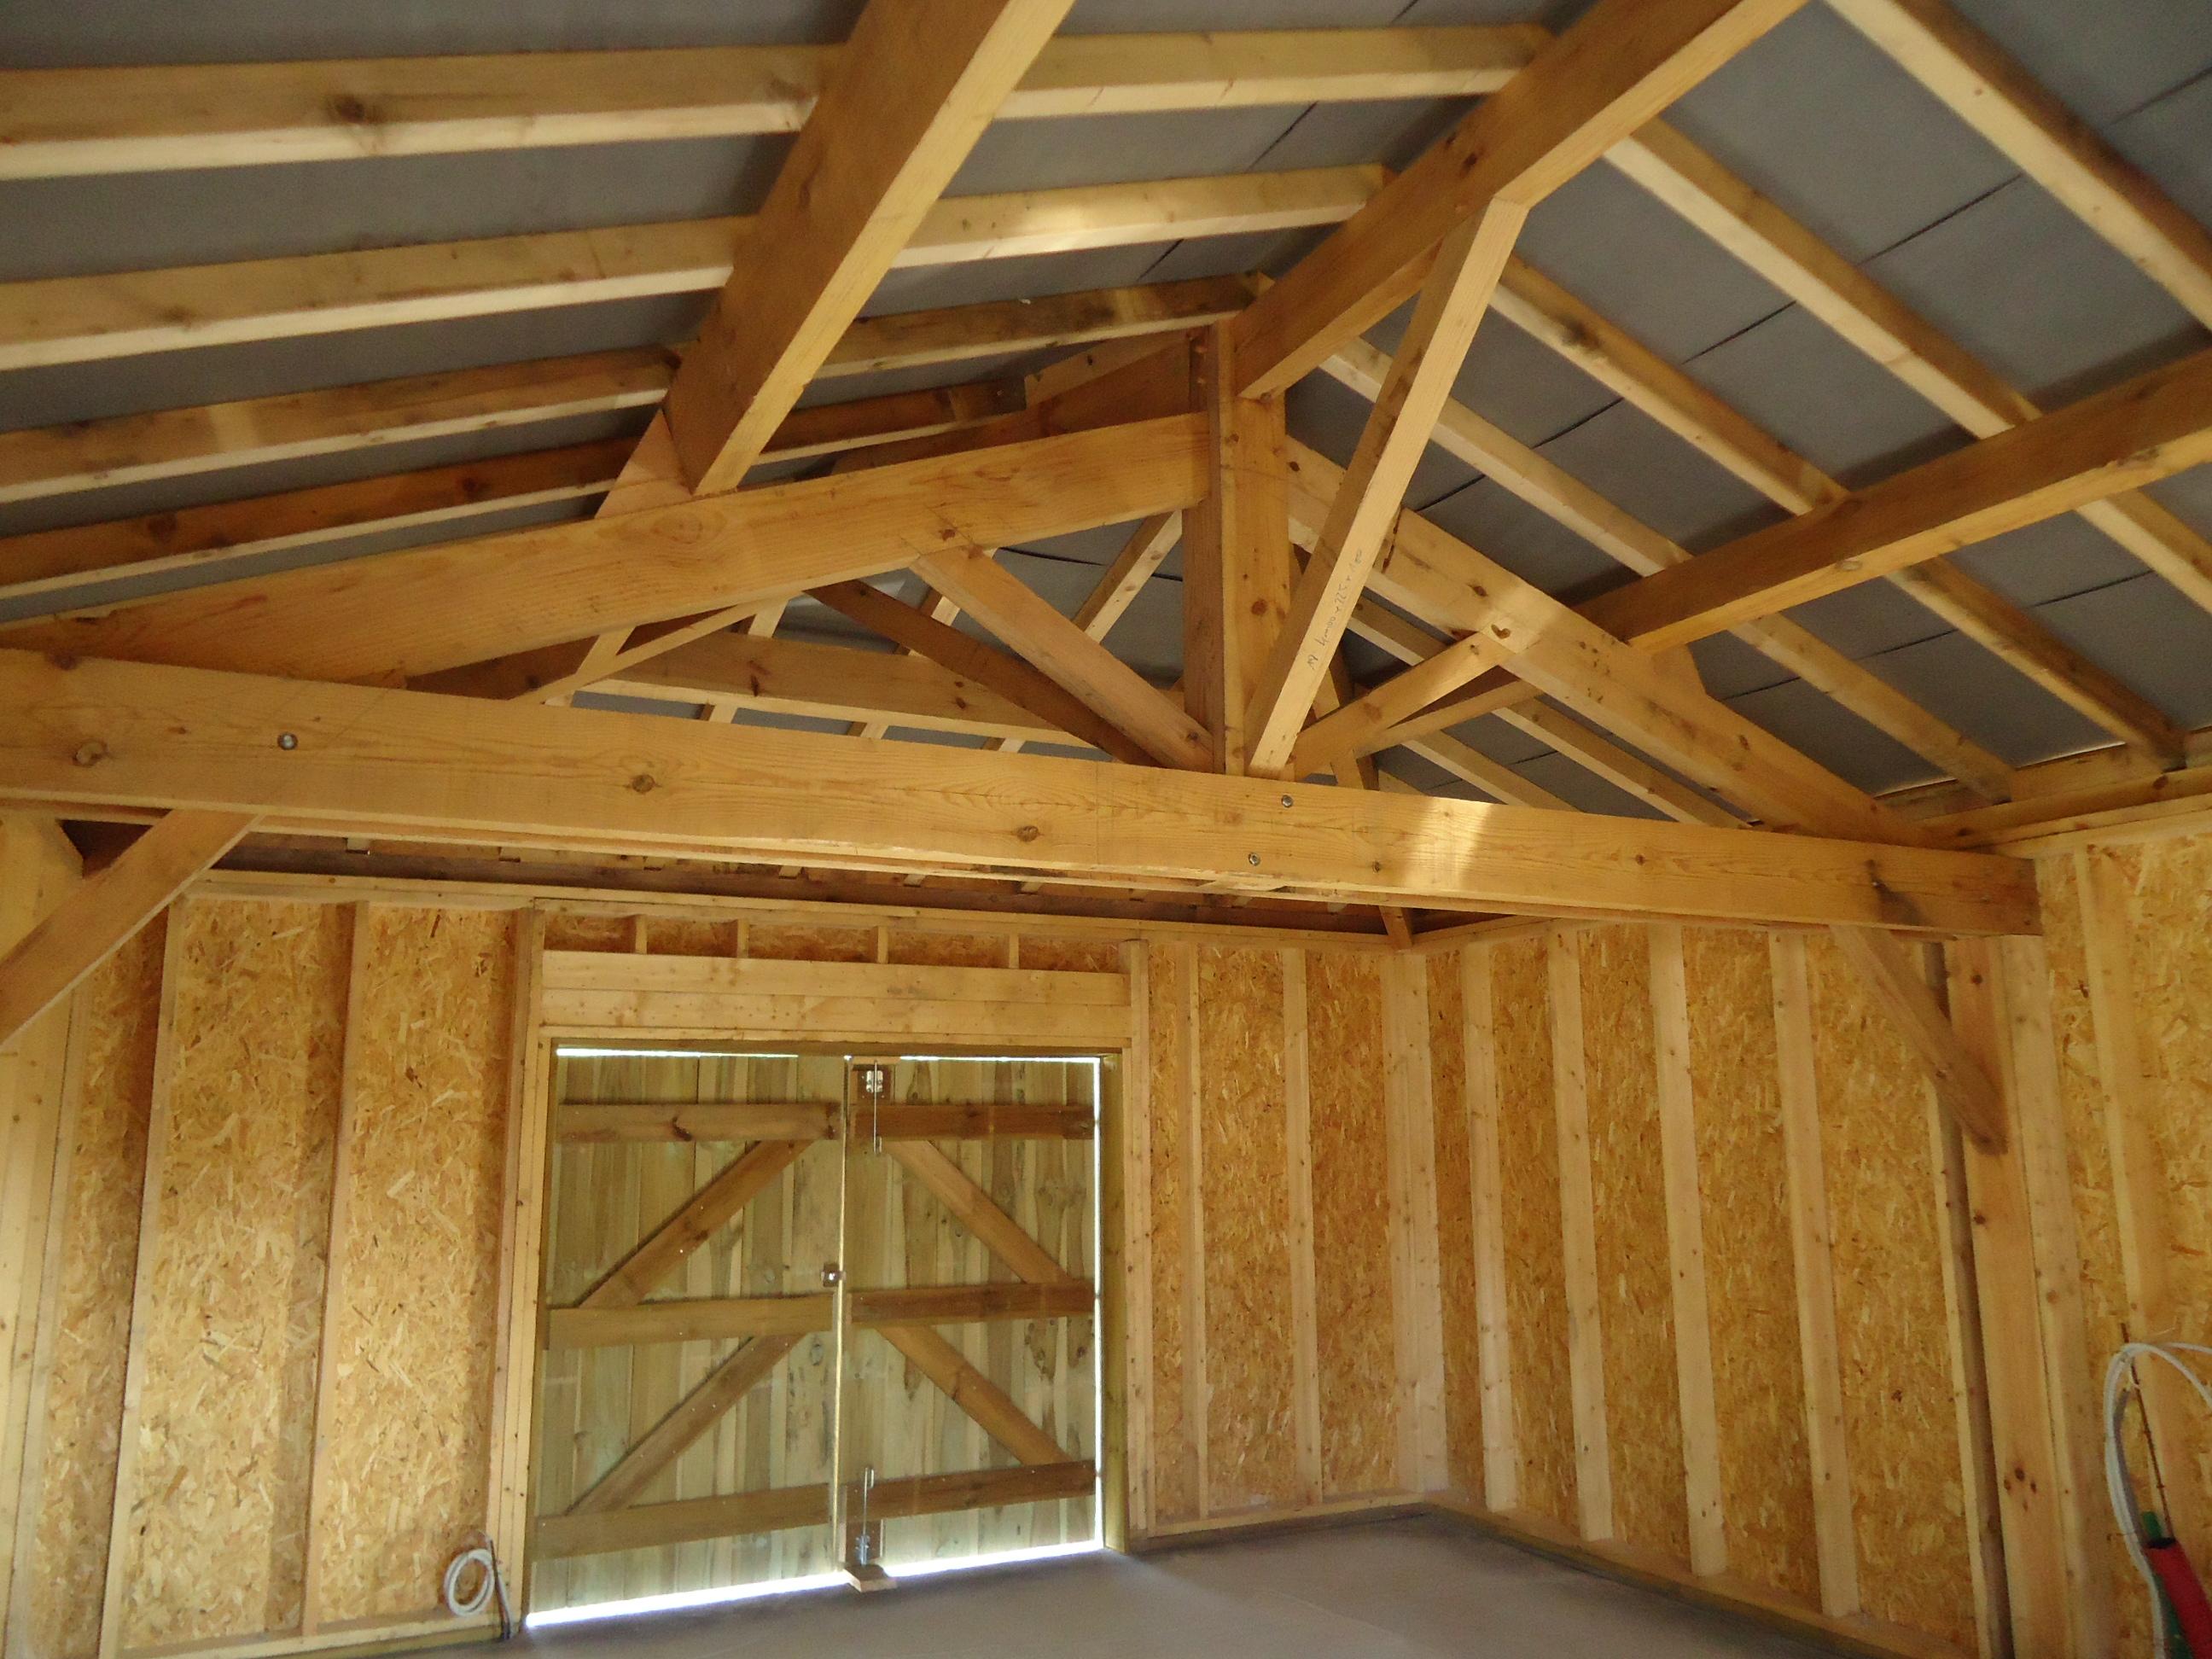 Deck 40 grange en bois landes 40 construction grange en bois landes 40 gironde 33 arcachon for Construction en bois var